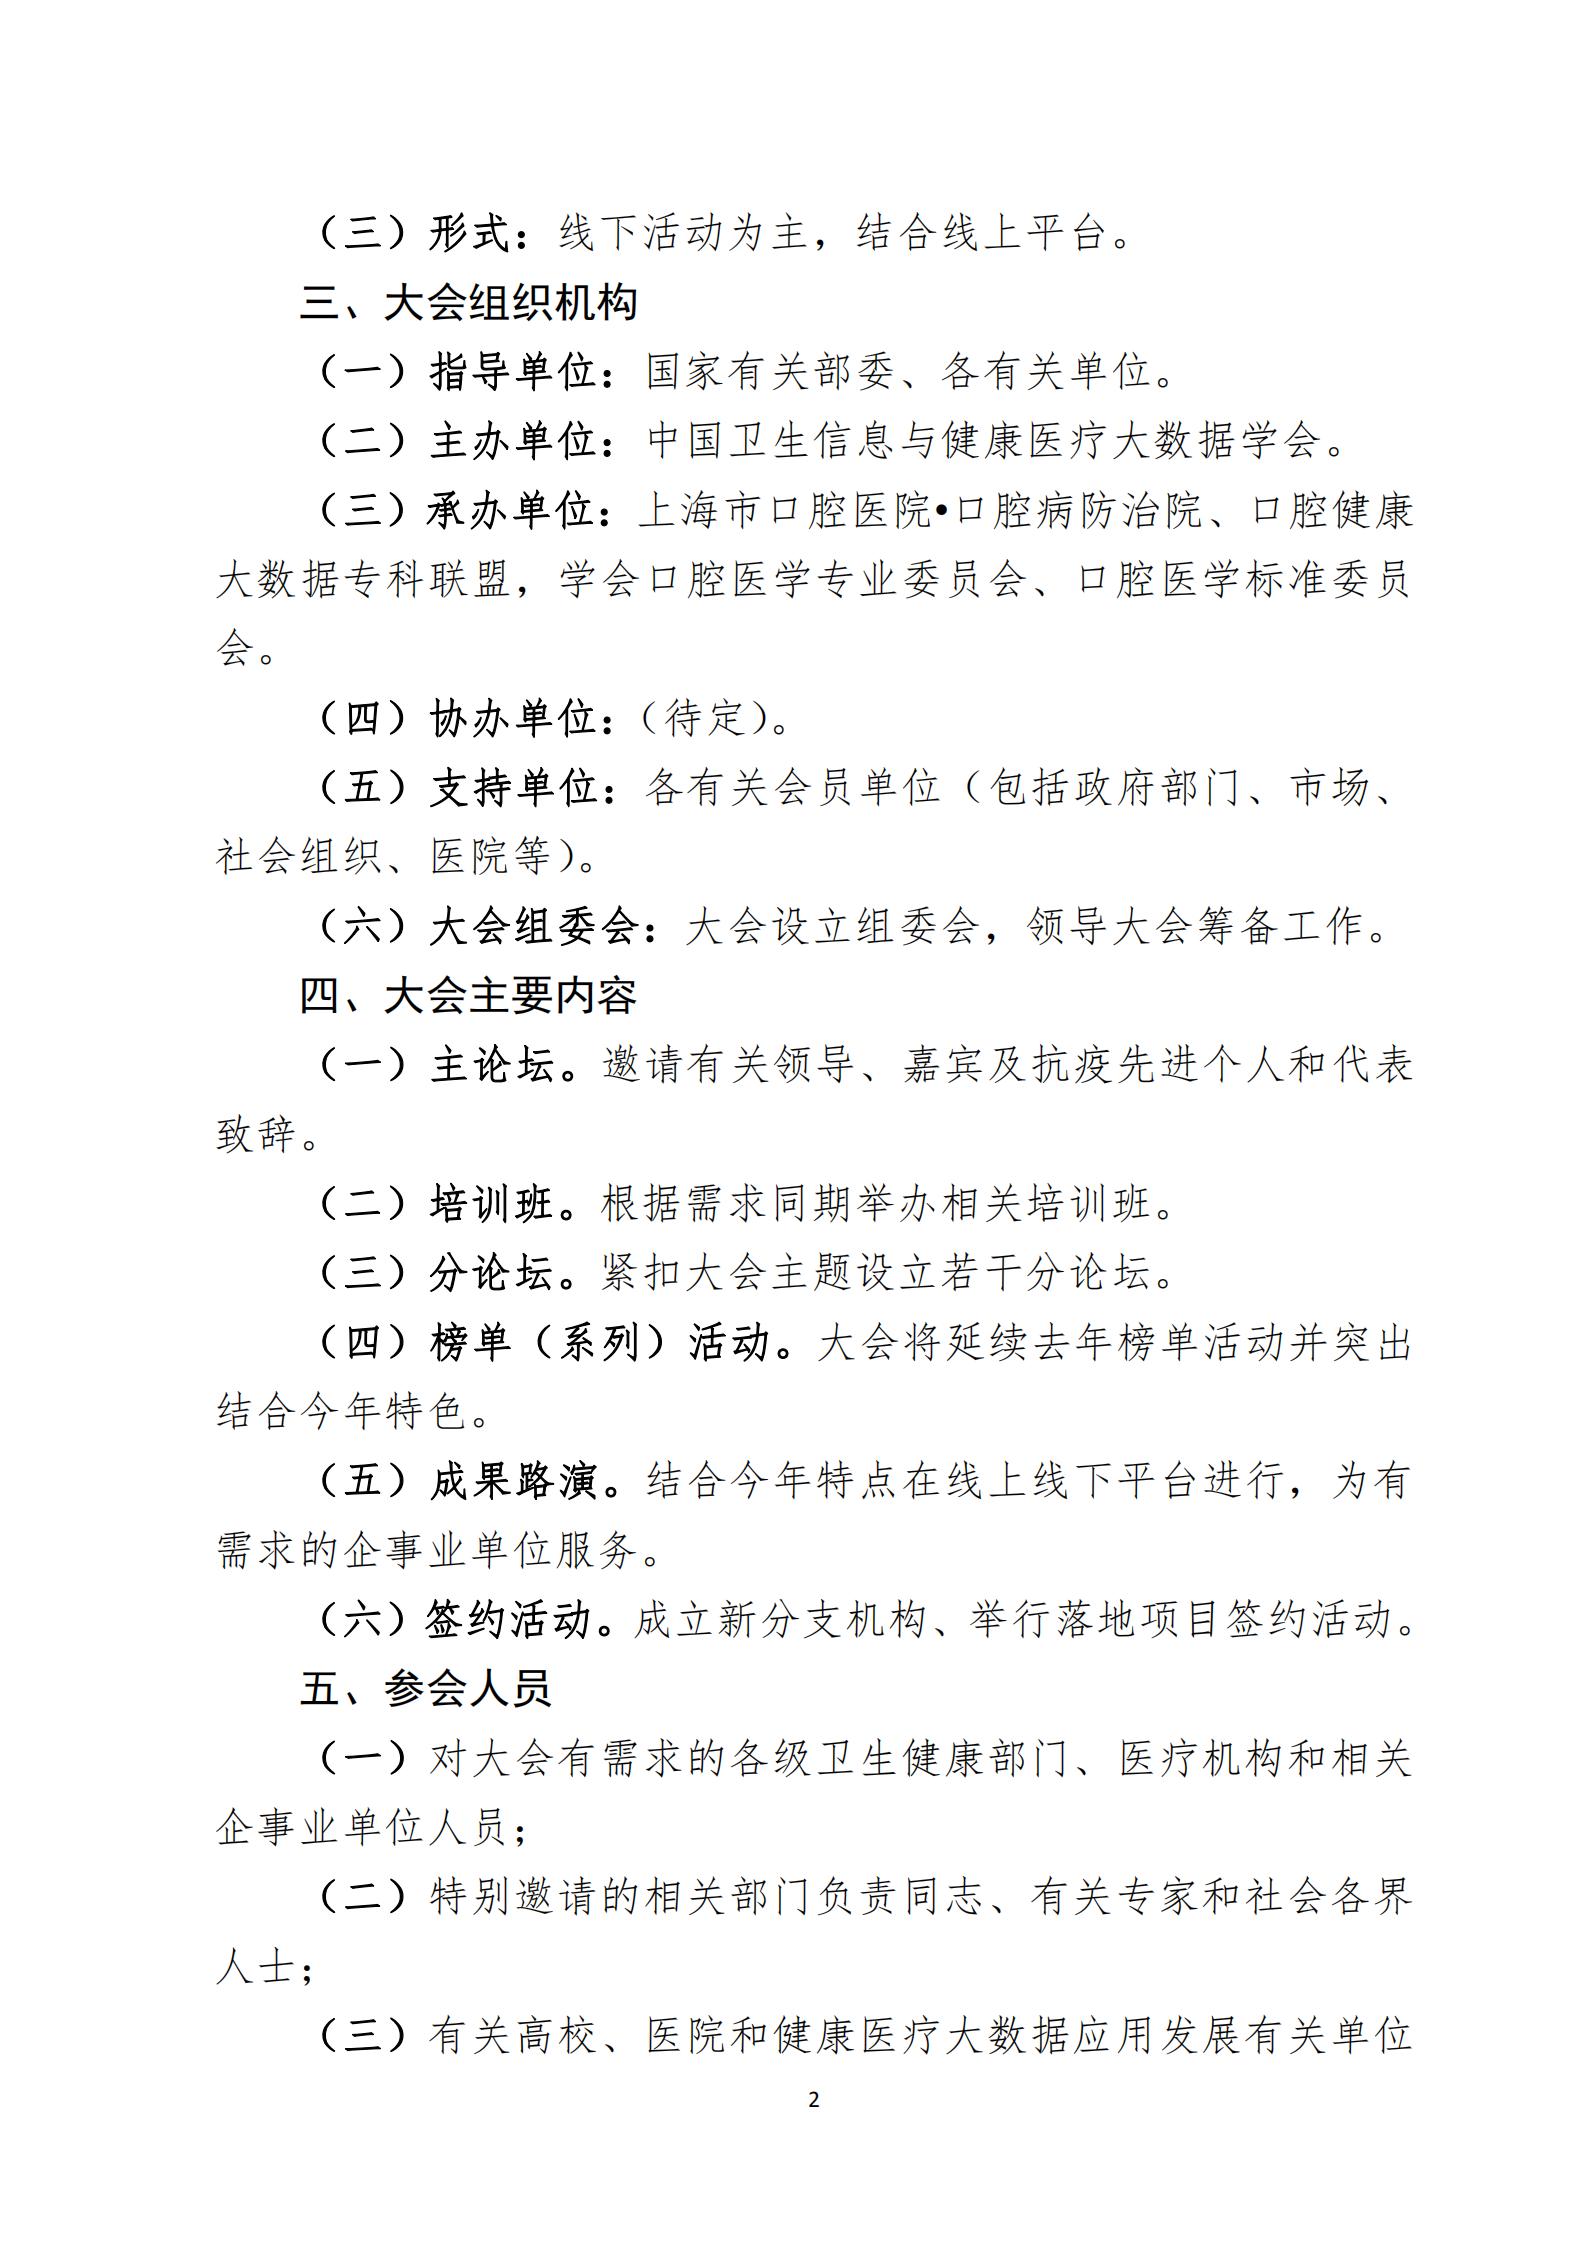 关于召开第二届中国数字健康医疗大会的通知_01.png